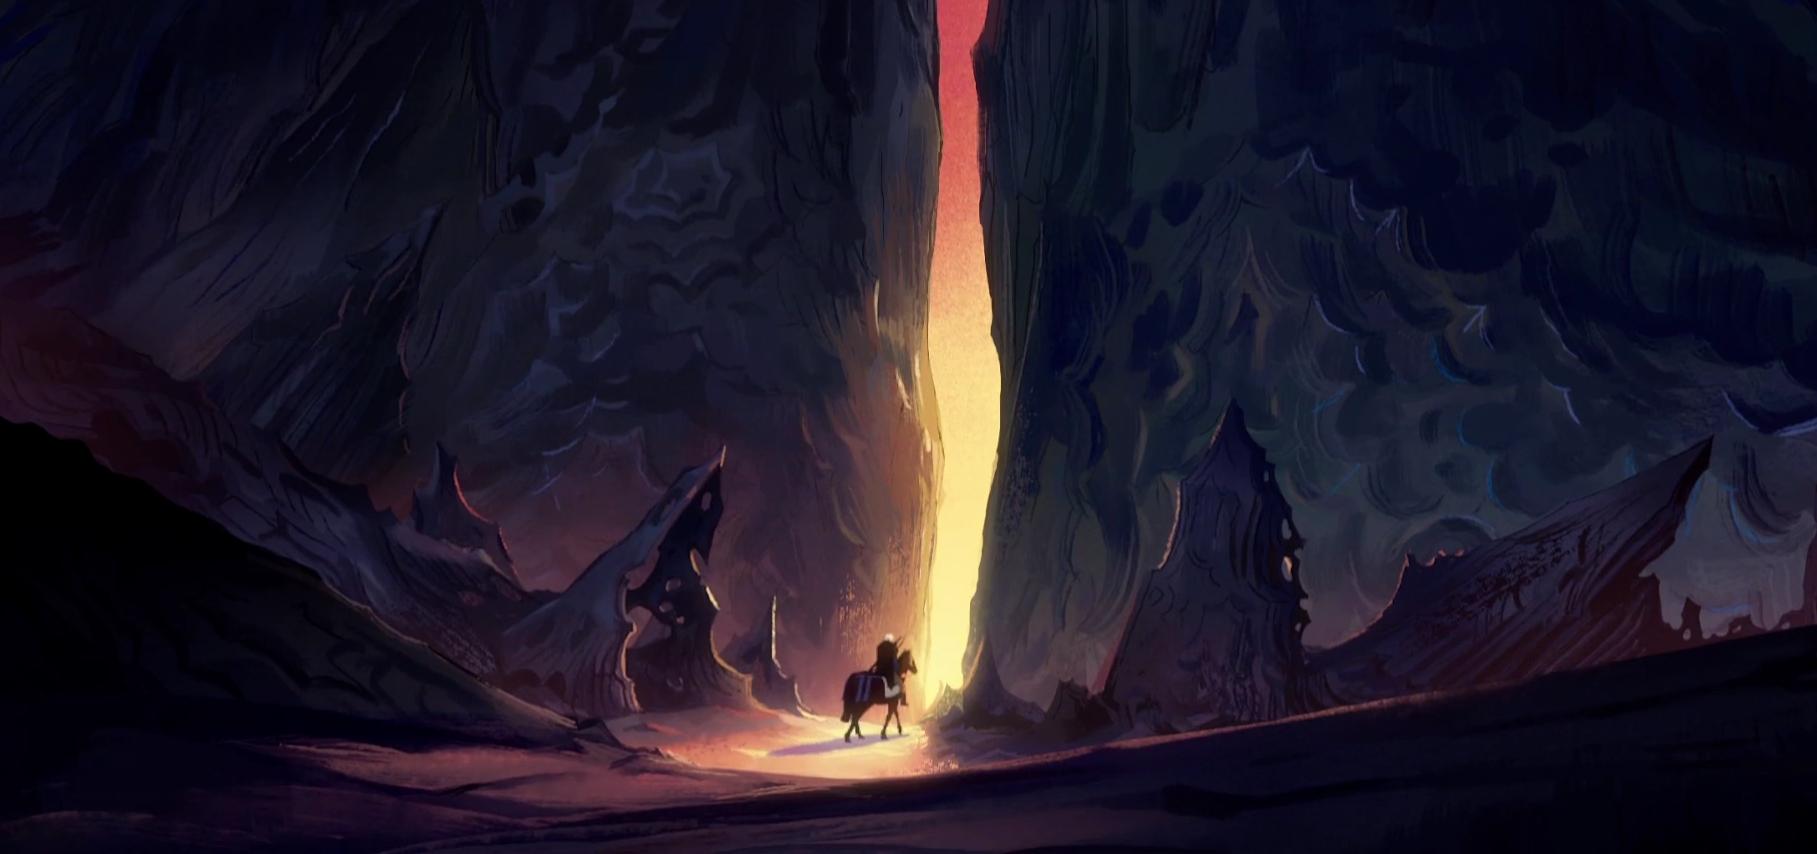 Трейлер Ewilan's Quest — французского мультсериала по мотивам фэнтезийного цикла 8